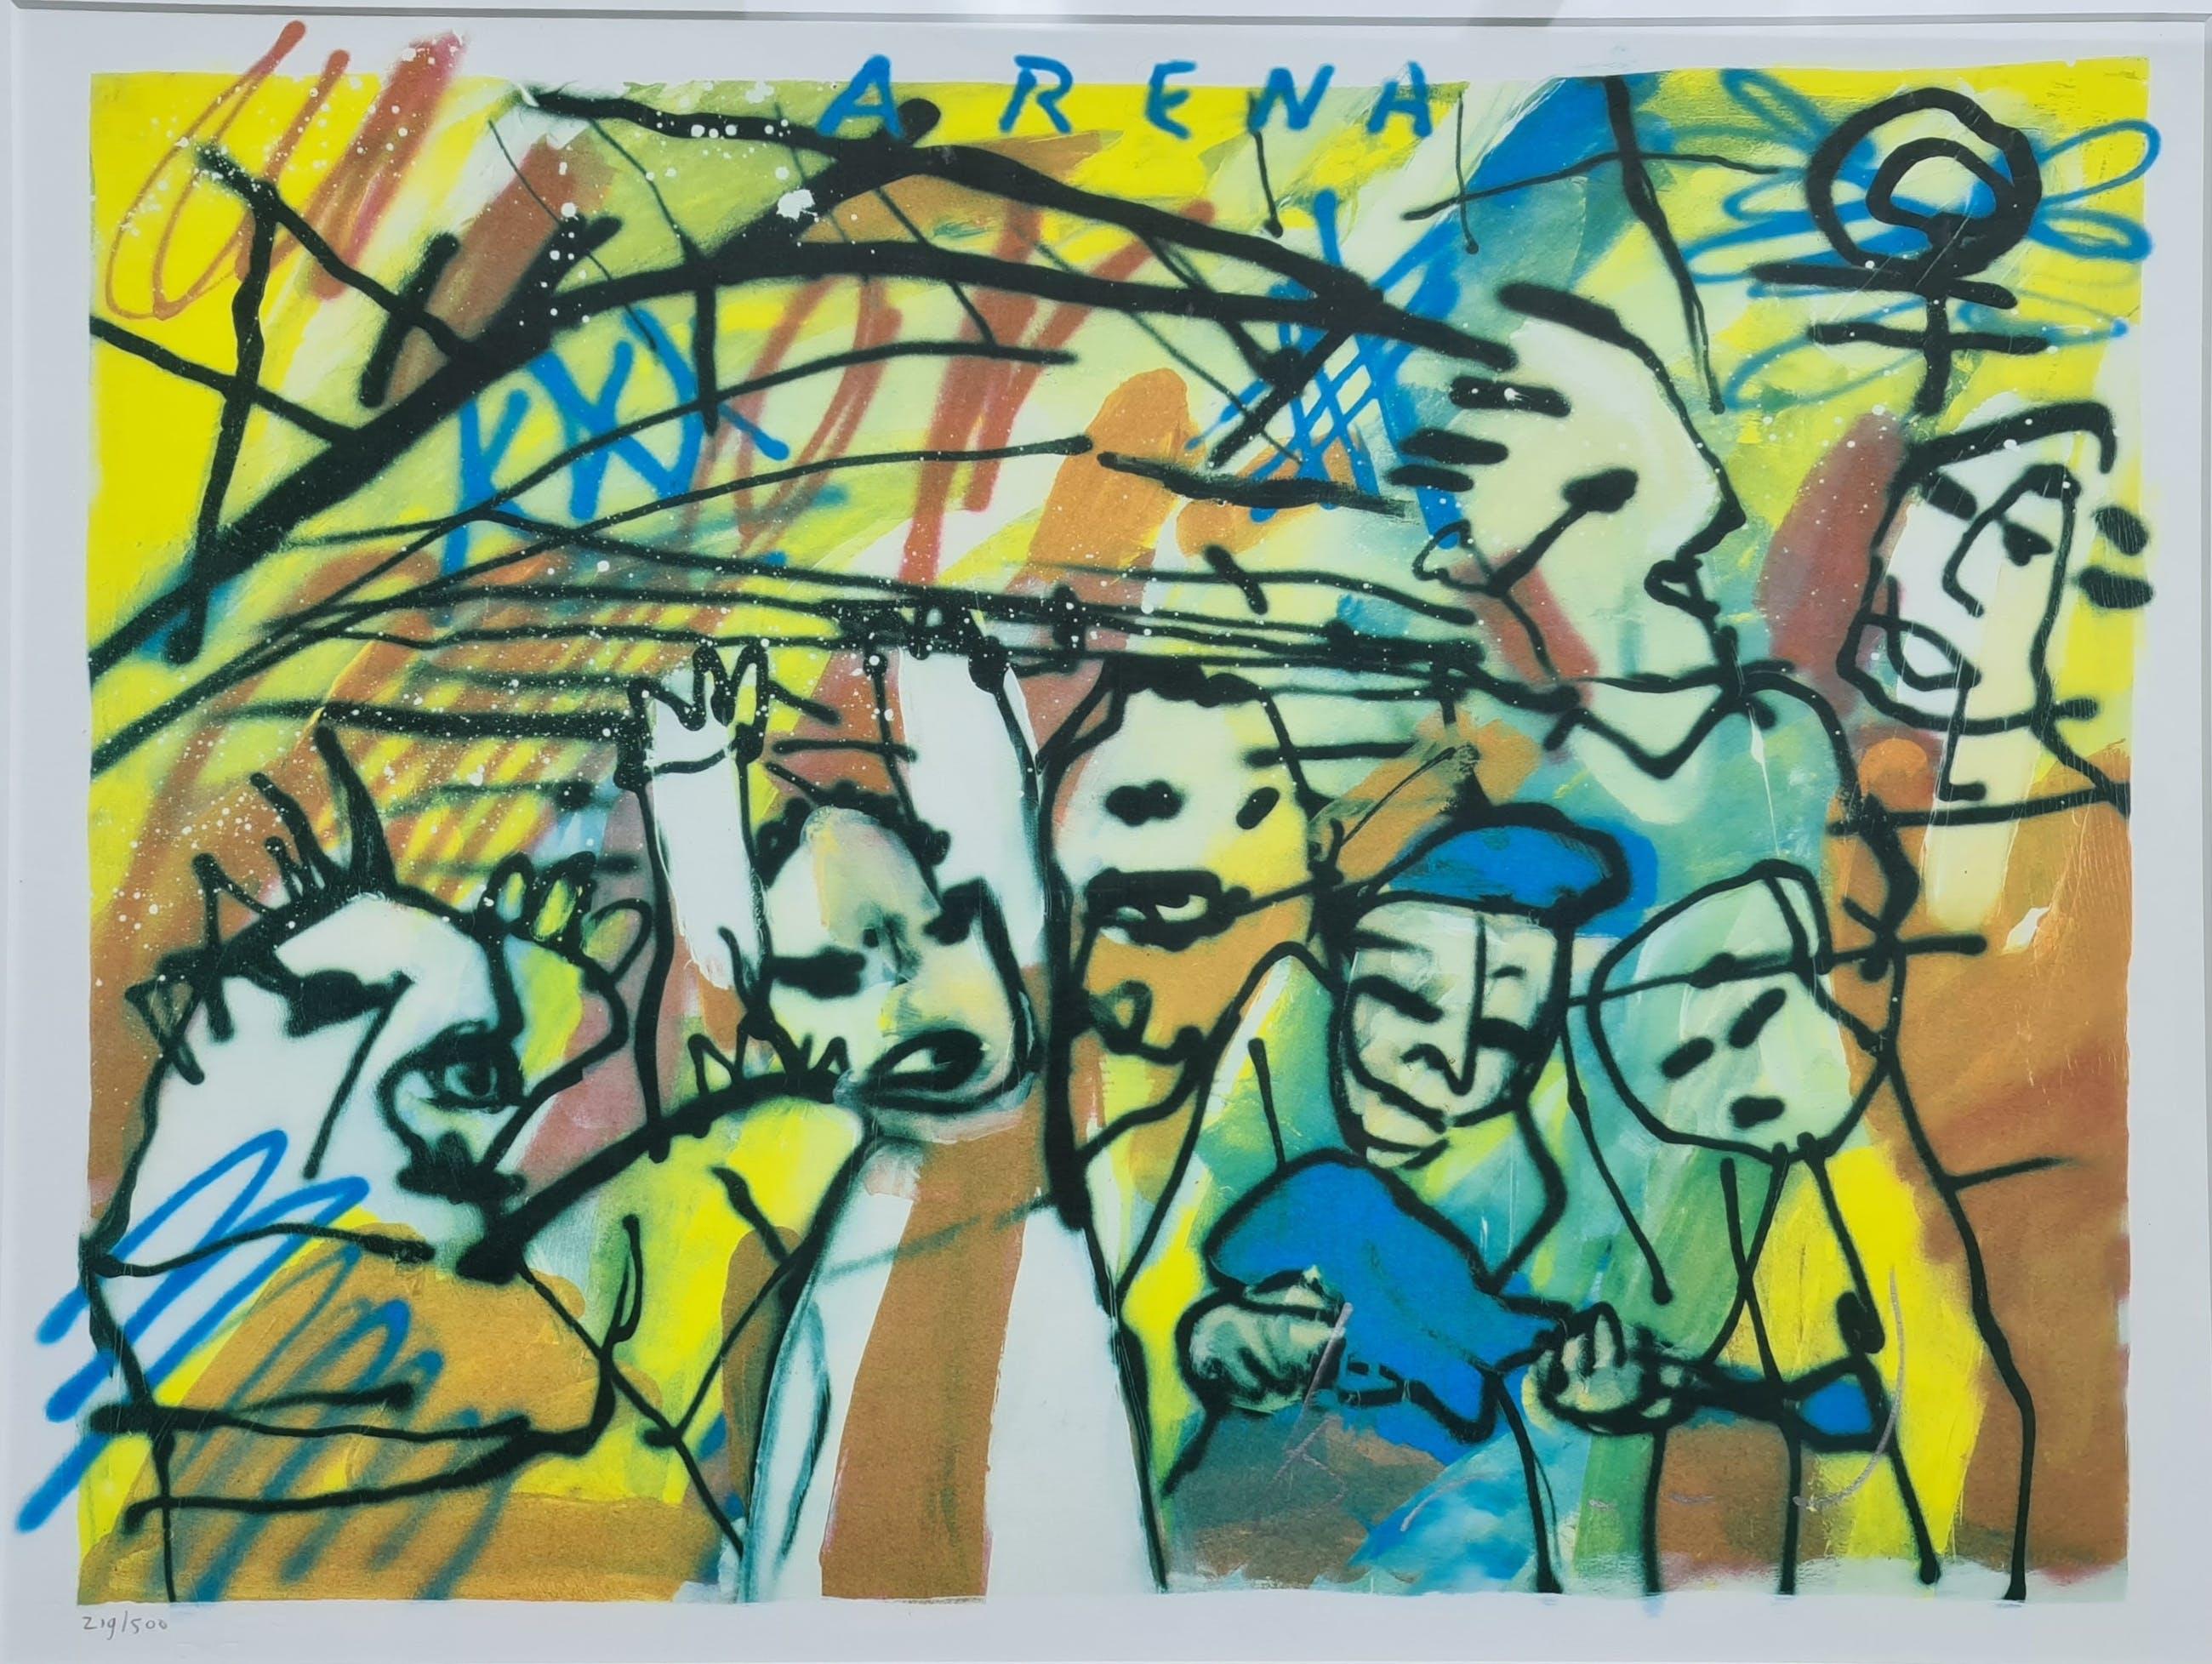 Herman Brood - Arena (Ajax) - gesigneerd - 500 ex - ingelijst kopen? Bied vanaf 235!